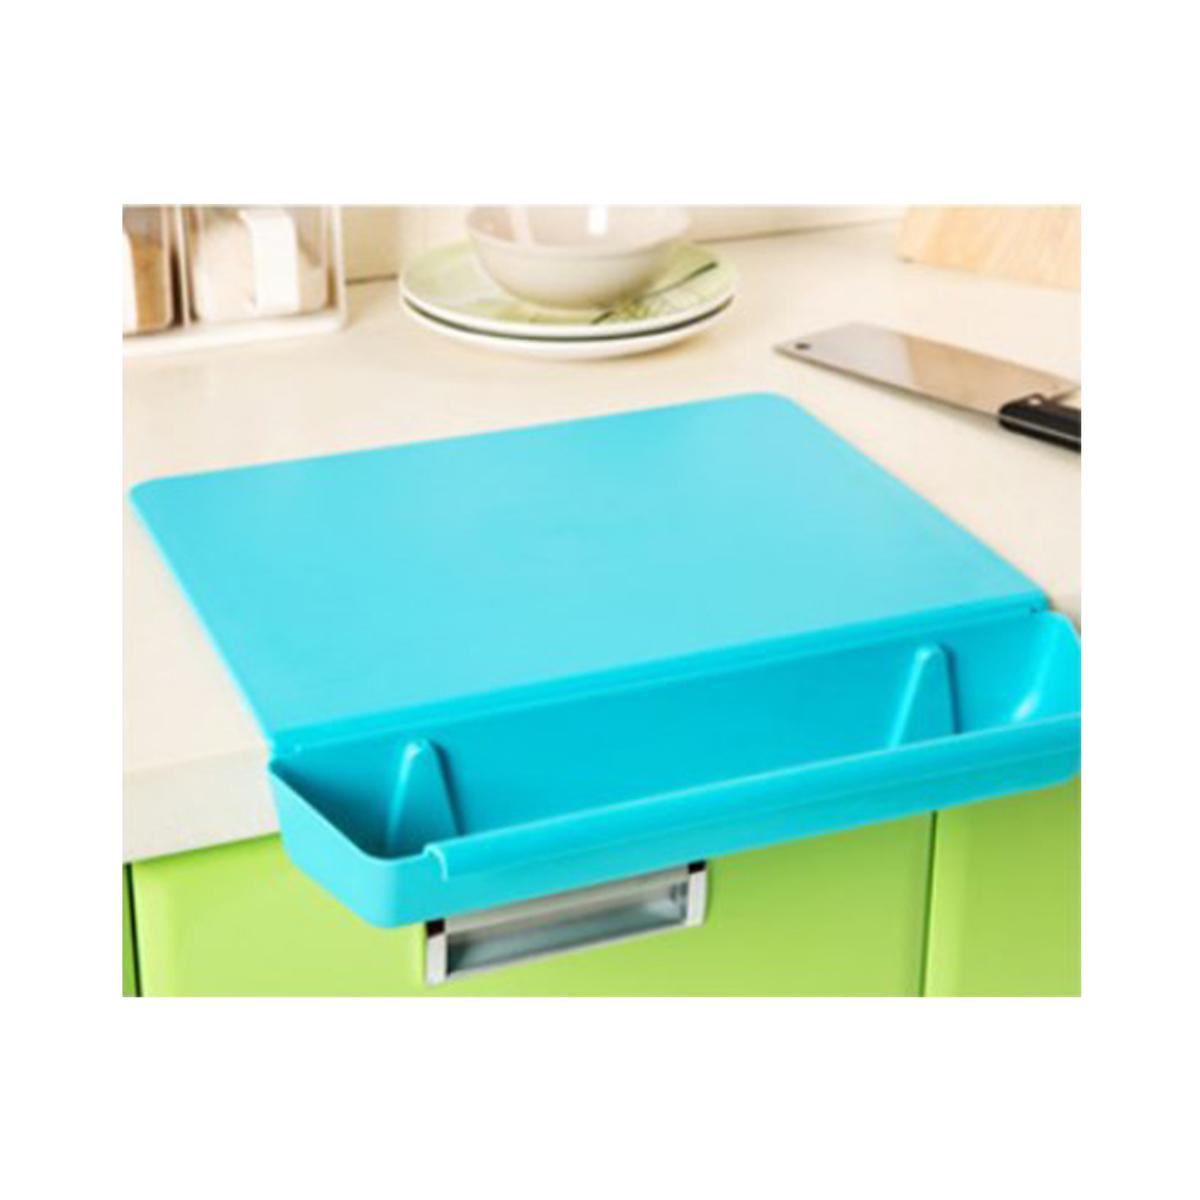 廚房二合一砧板 - HG3829 (藍色)